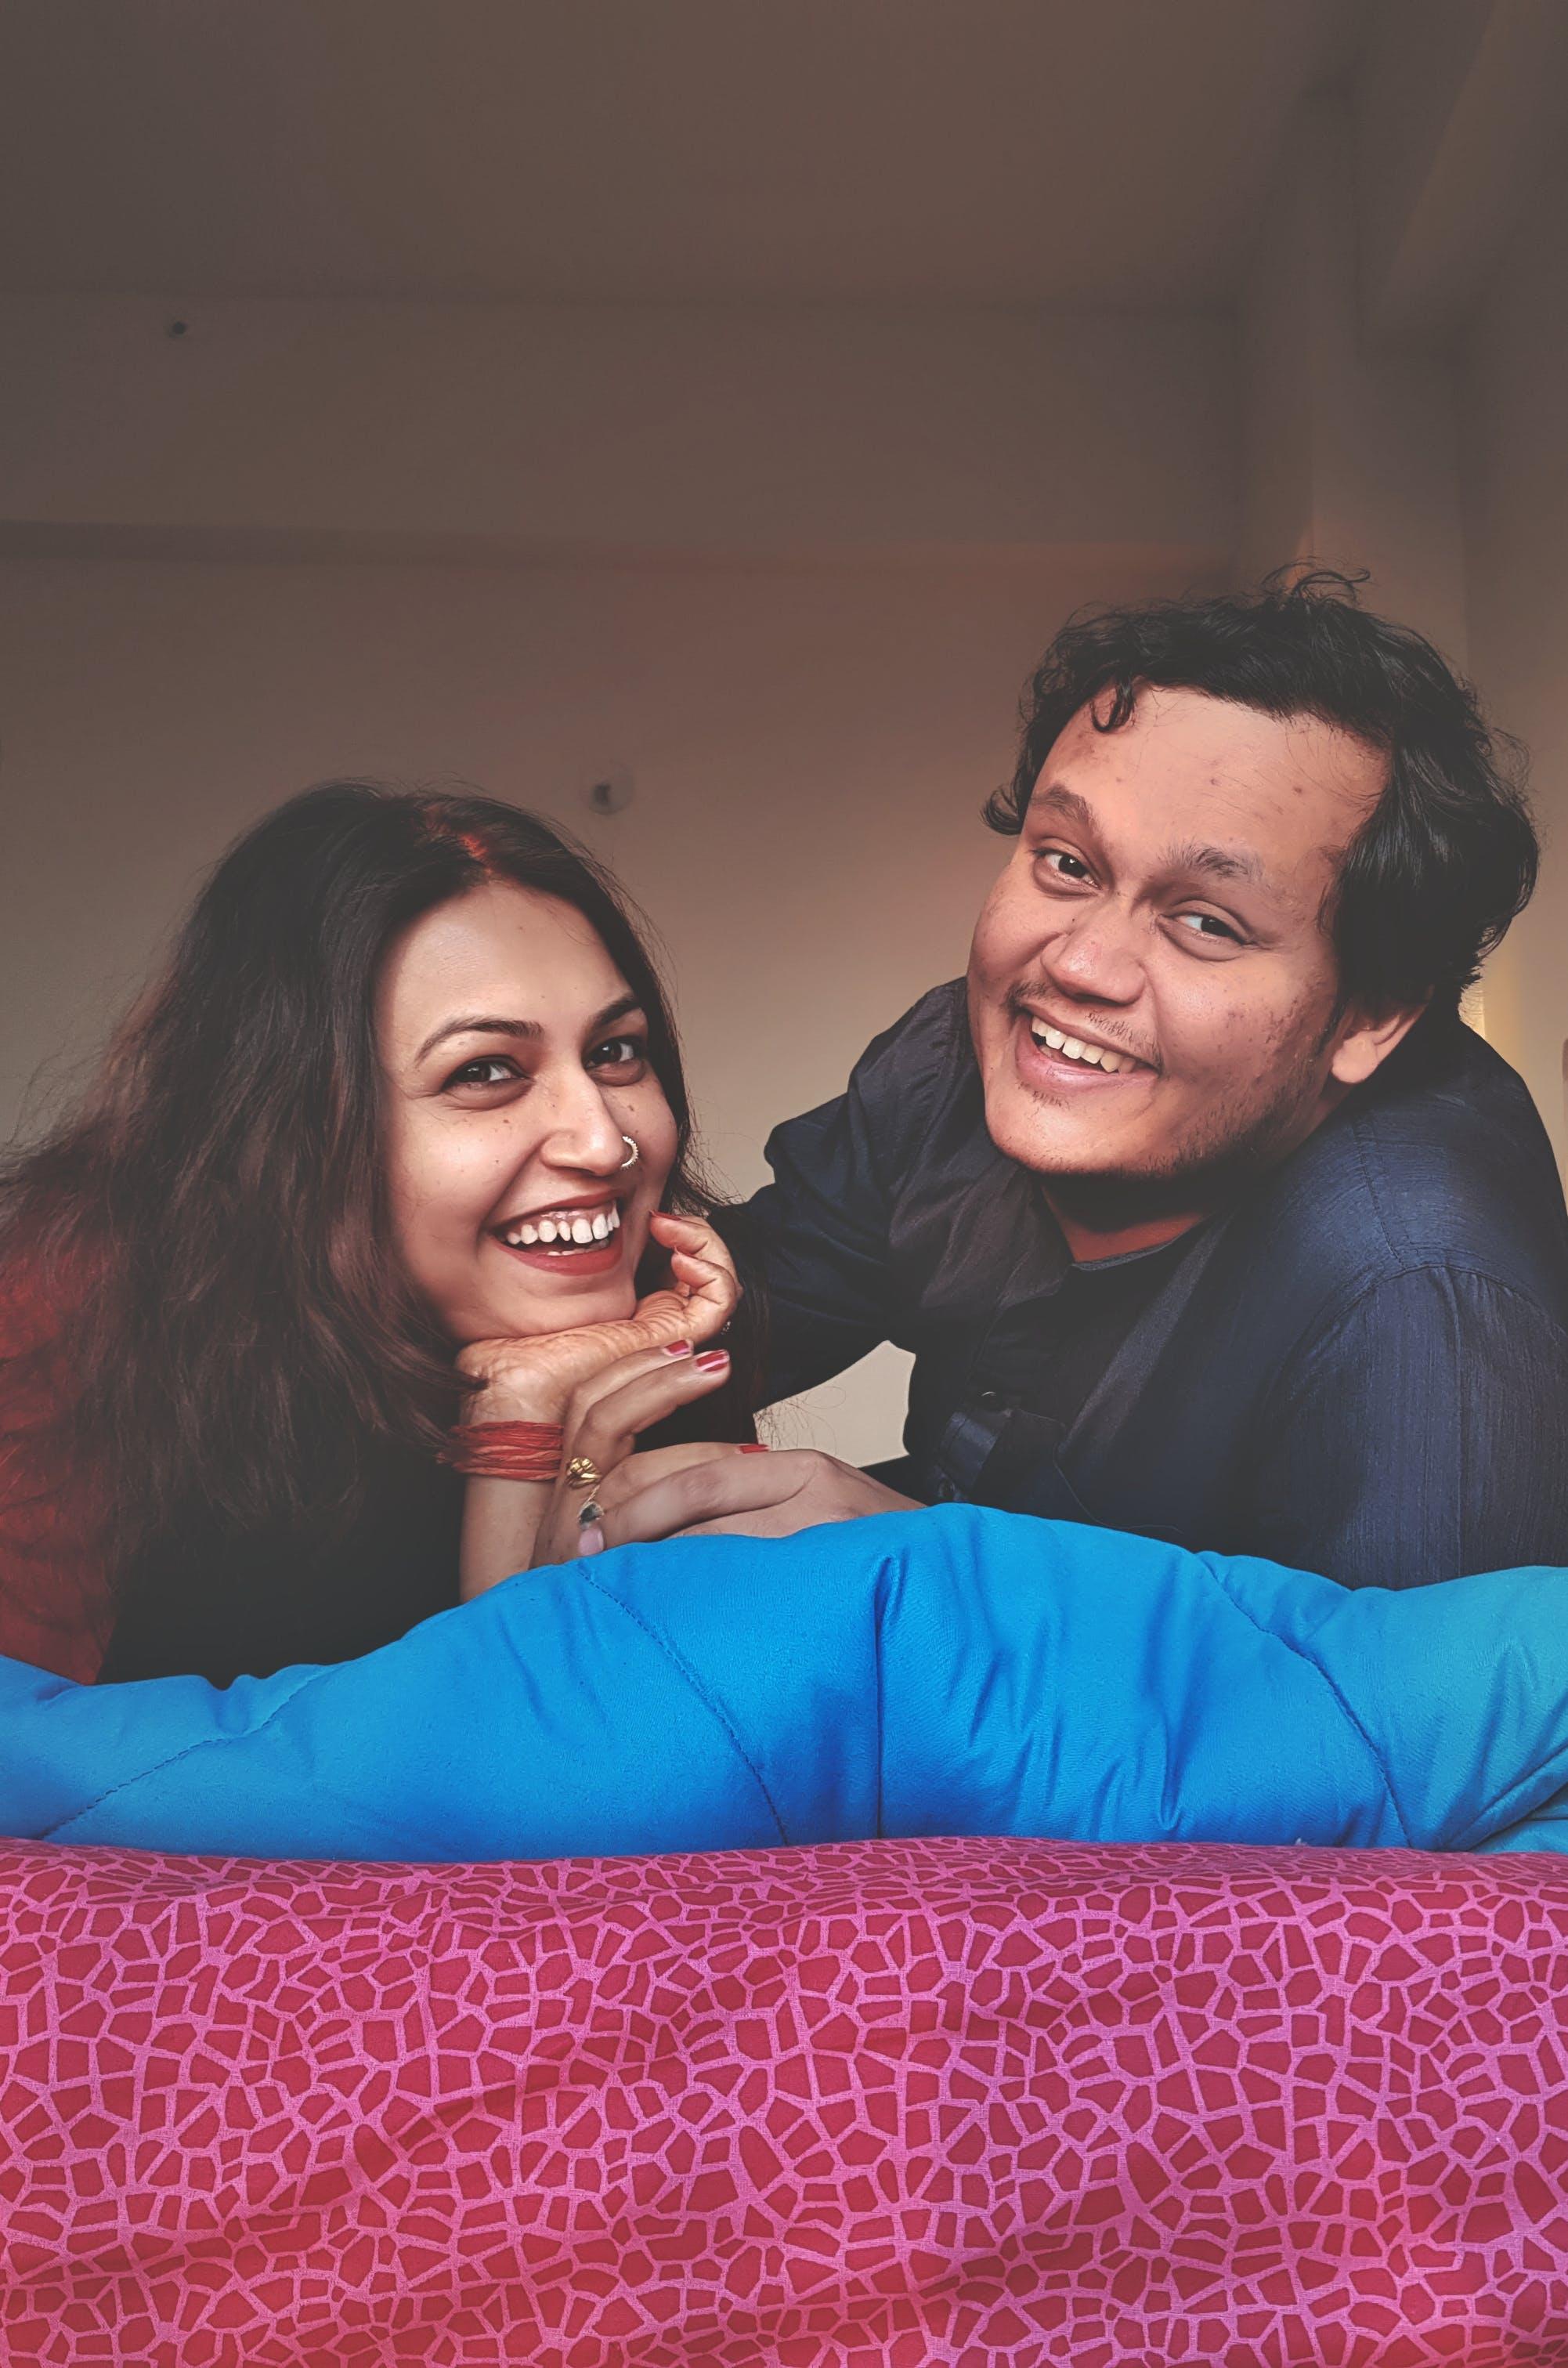 Ảnh lưu trữ miễn phí về Ấn Độ, cặp vợ chồng, Chân dung, chuẩn bị trước